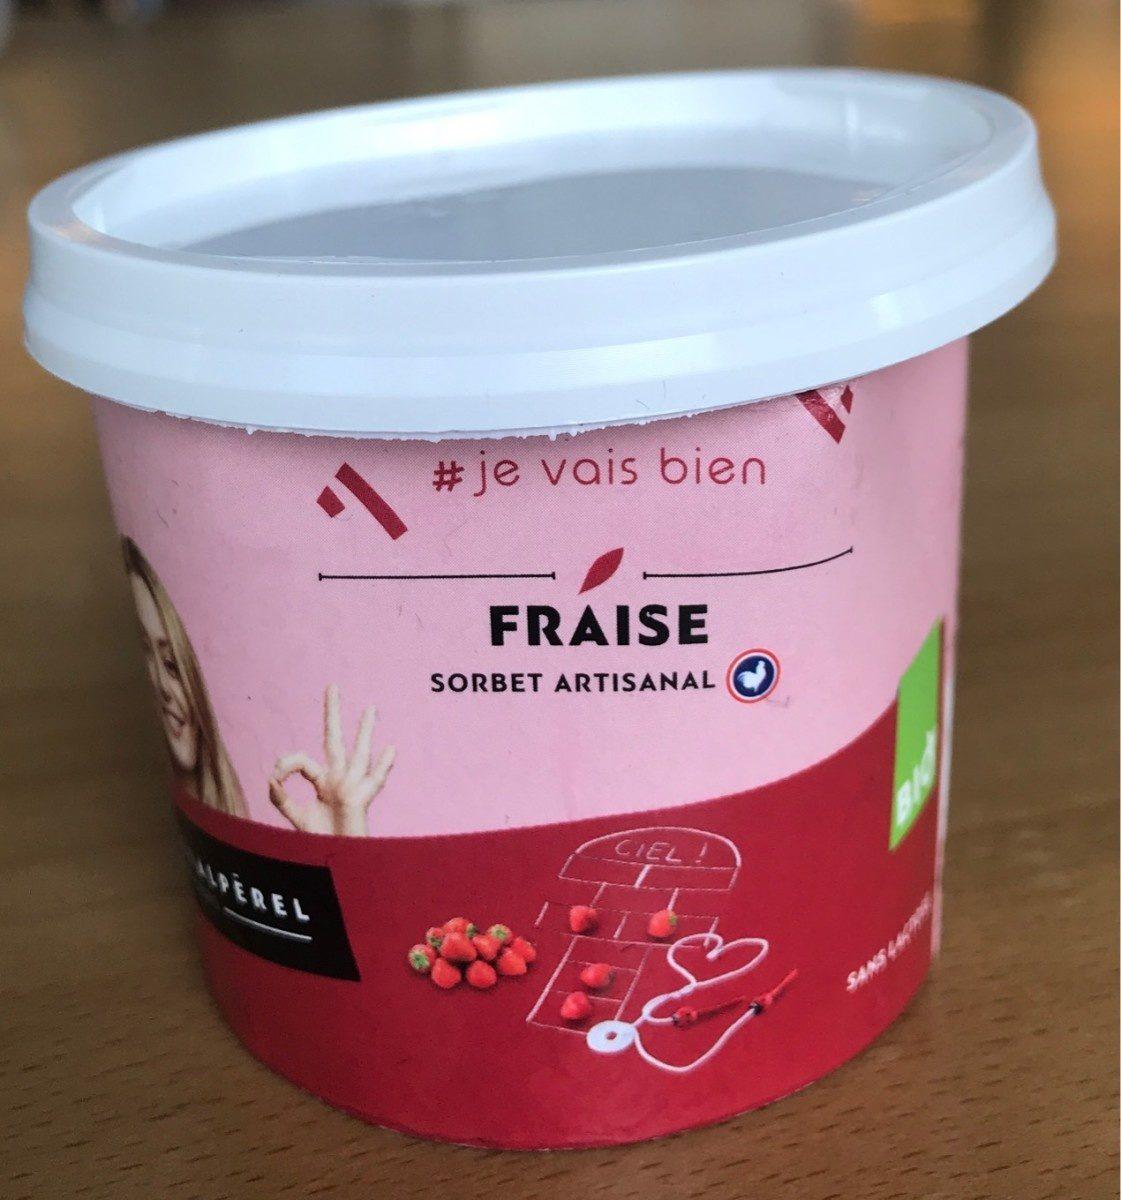 Glace a la fraise - Product - fr